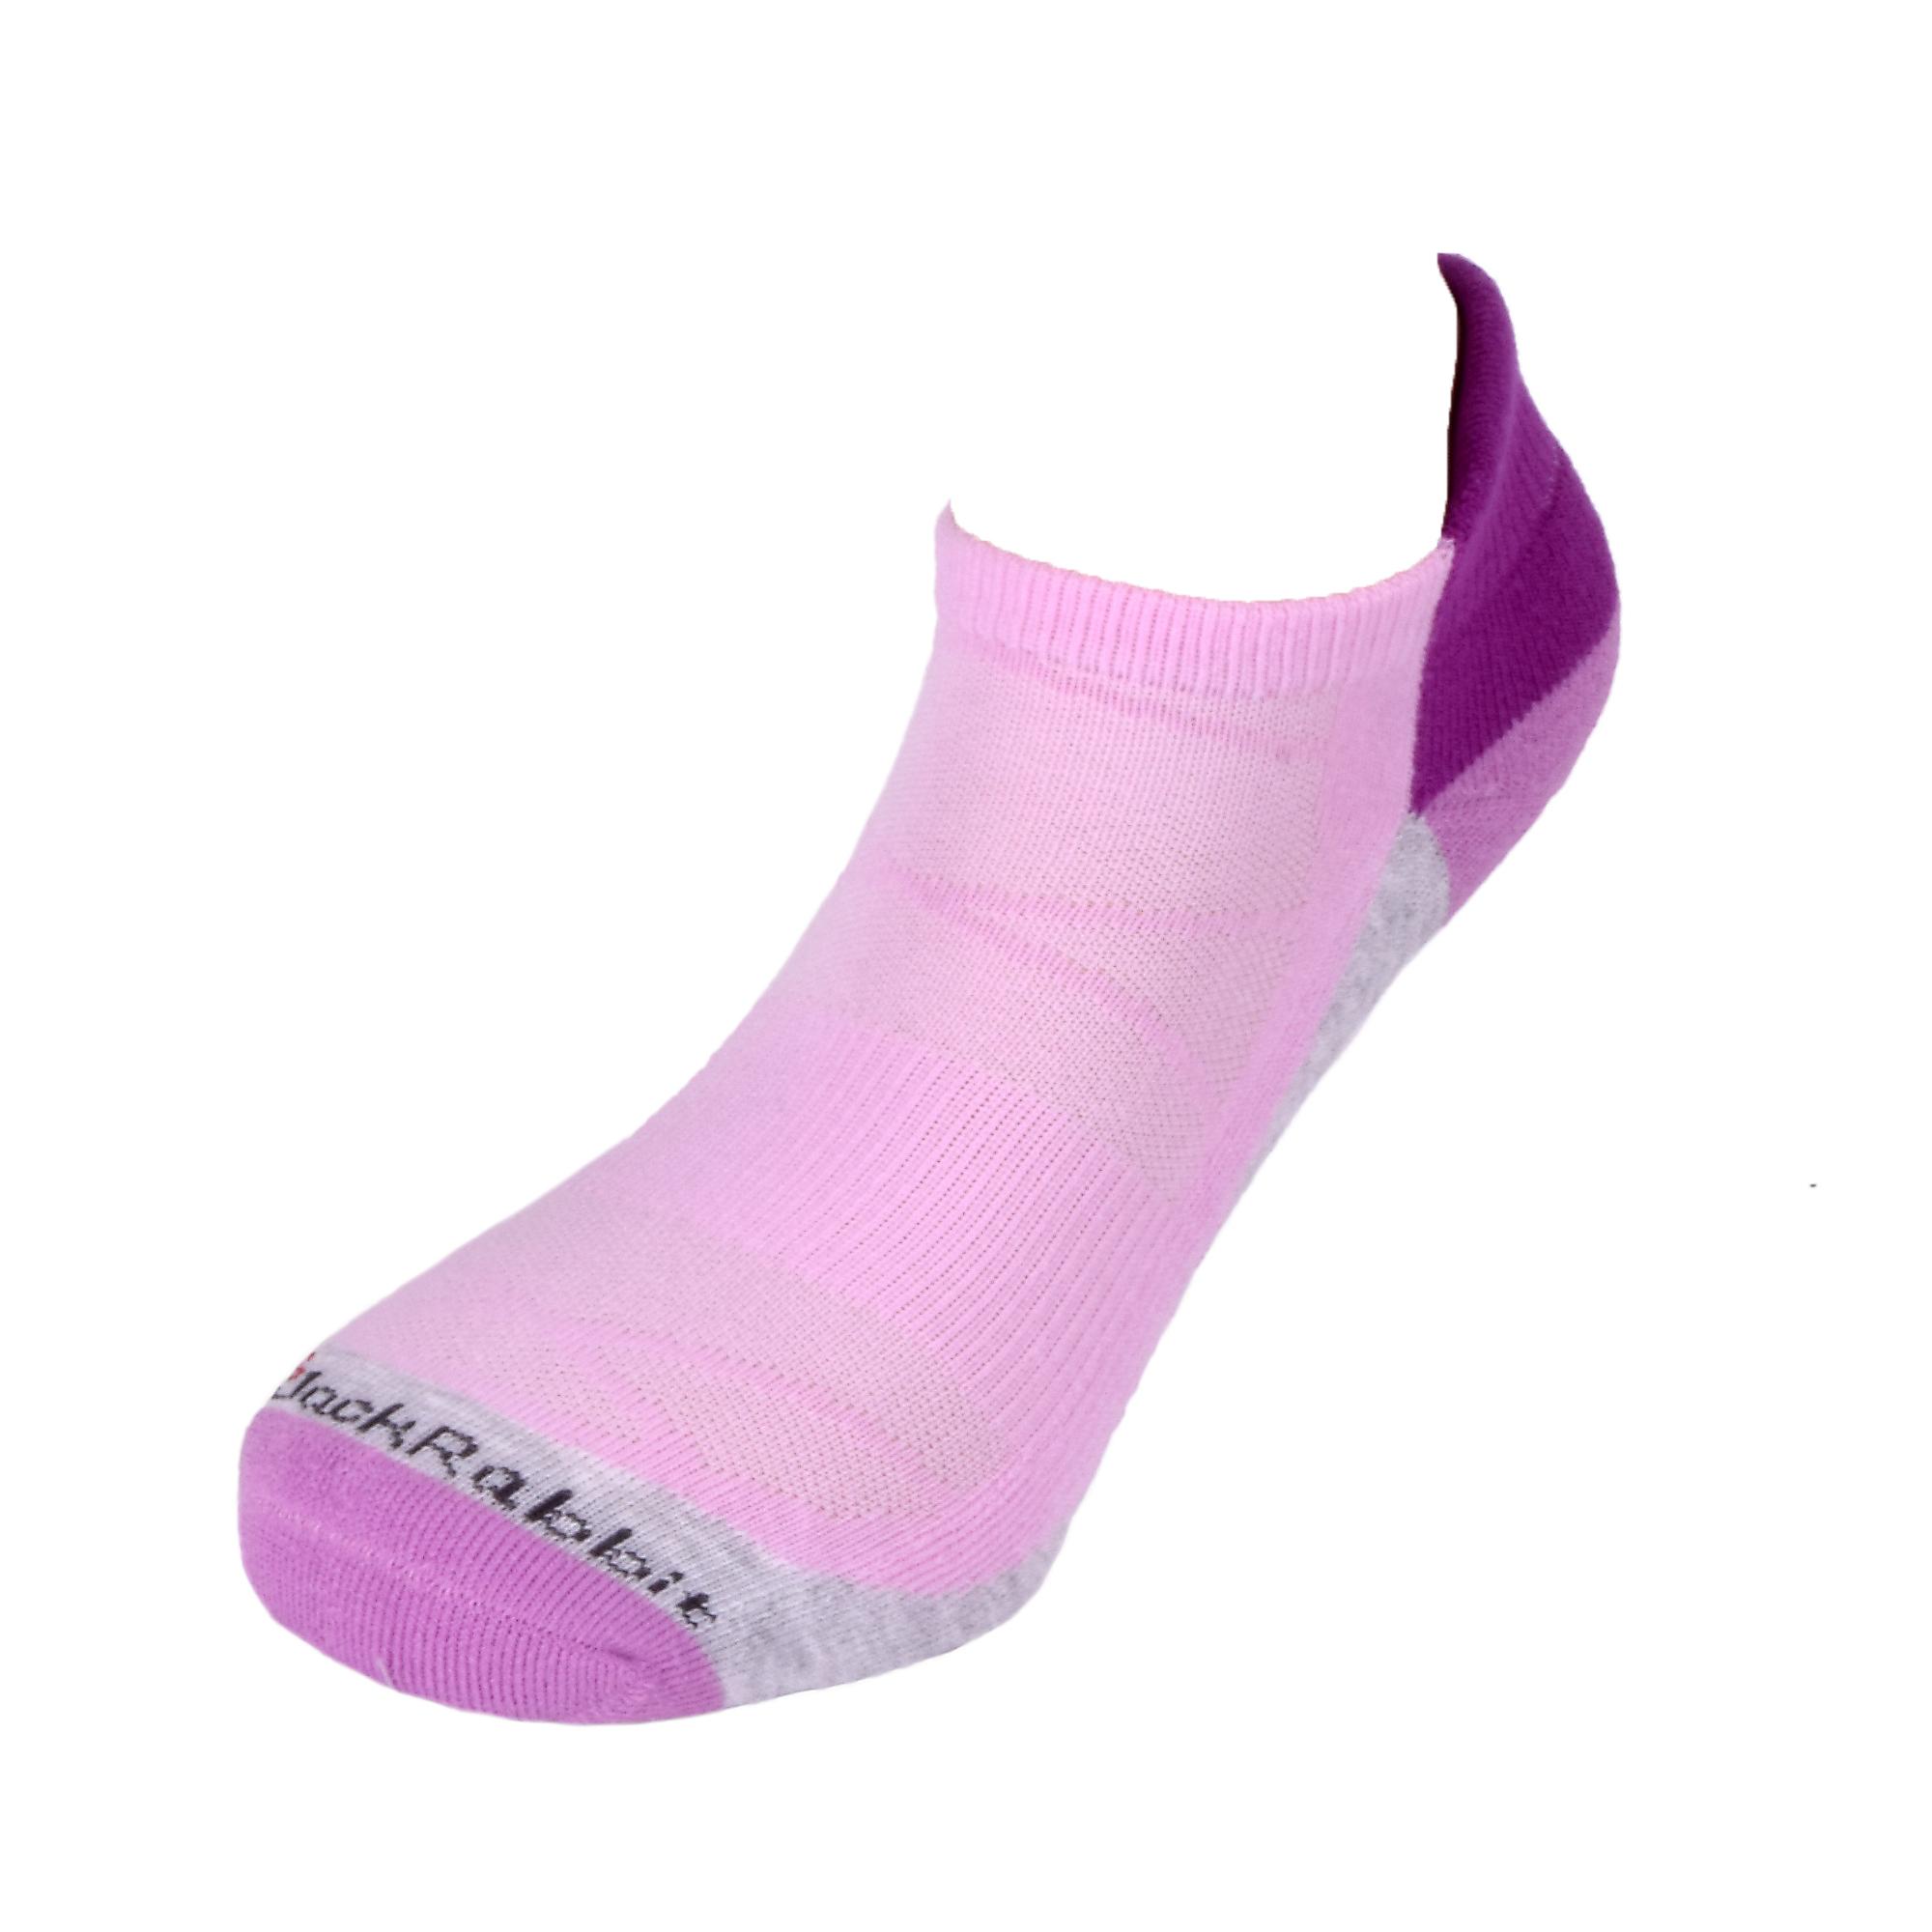 JackRabbit No Show Tab Cushion Performance Running Sock - Color: Violet - Size: S, Violet, large, image 2